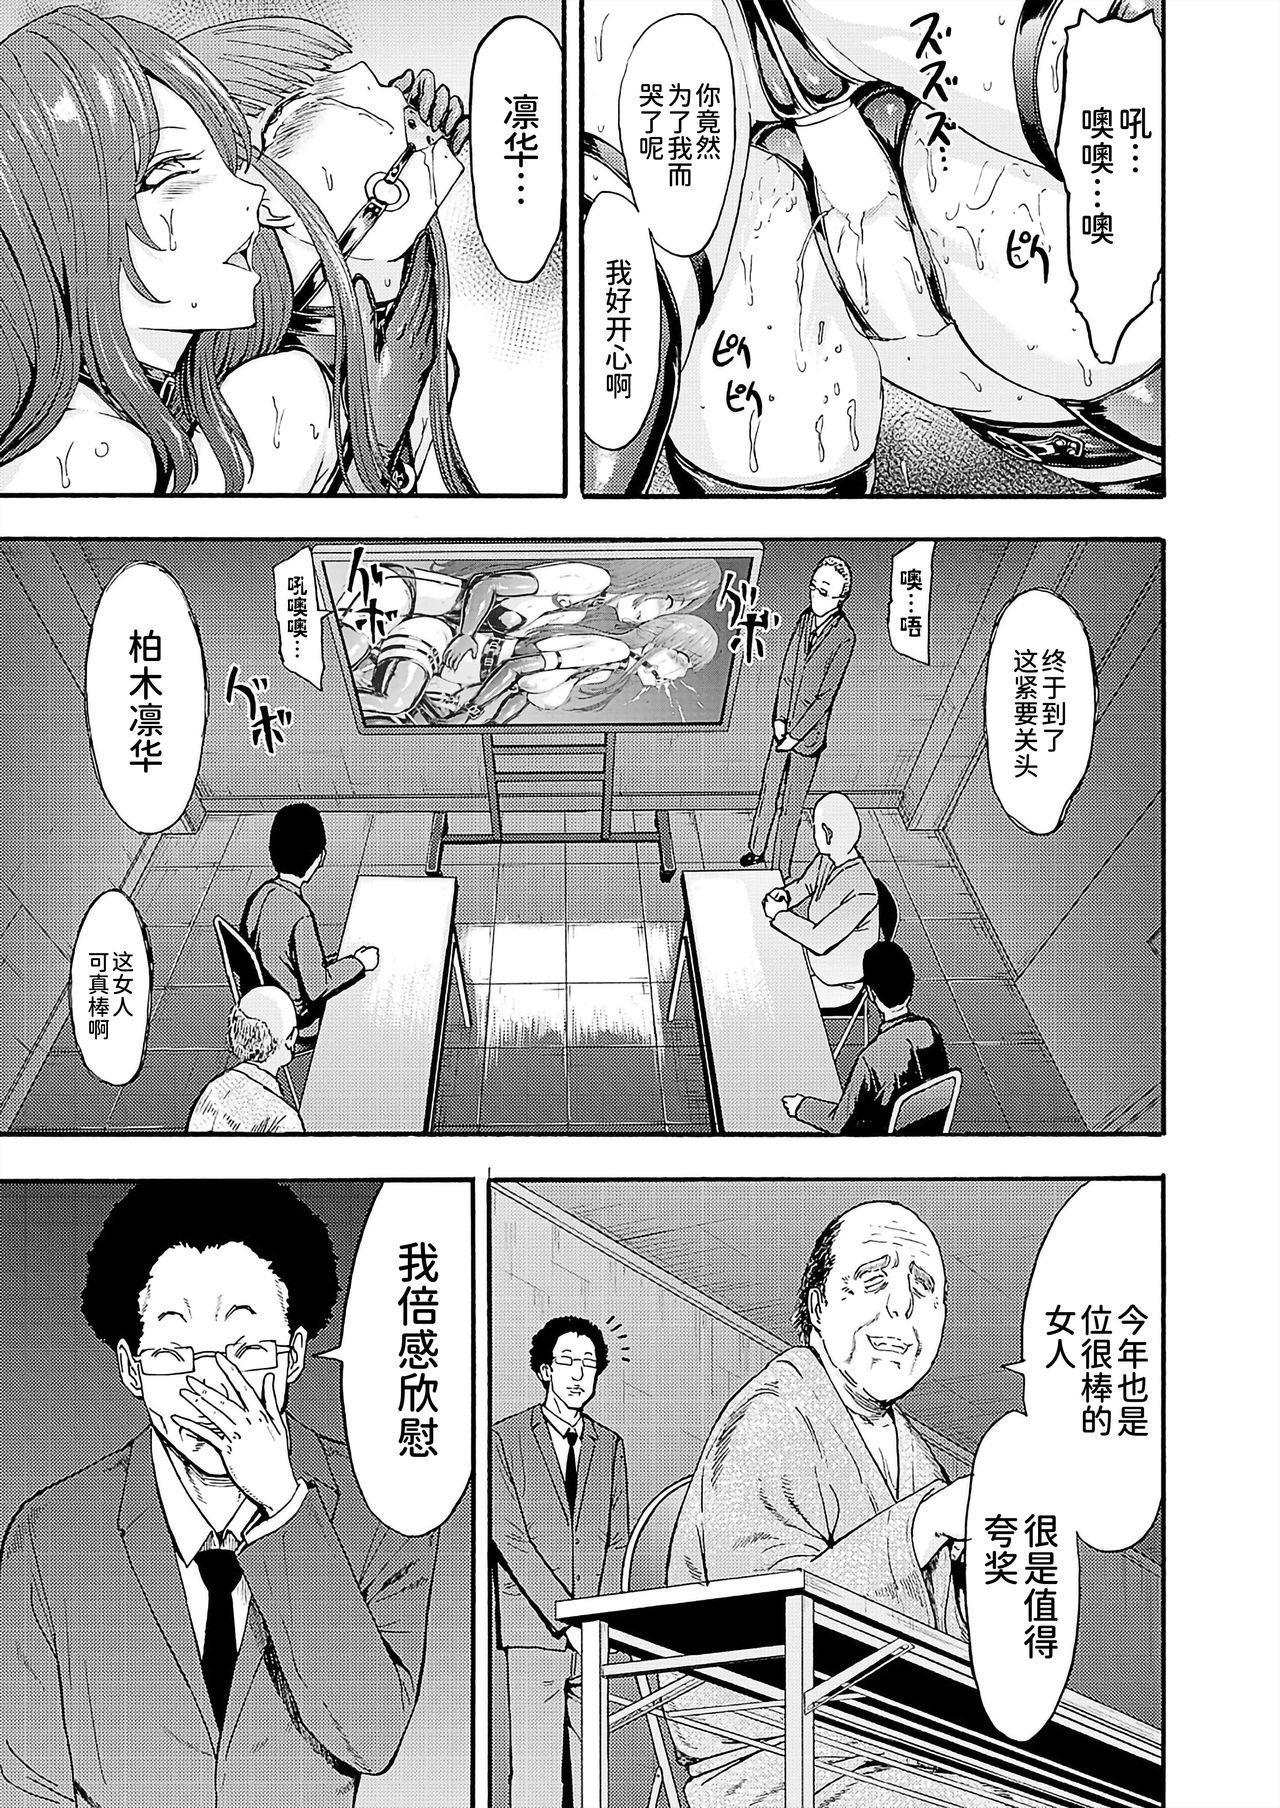 Yami Seito Kaichou Ch. 3 14